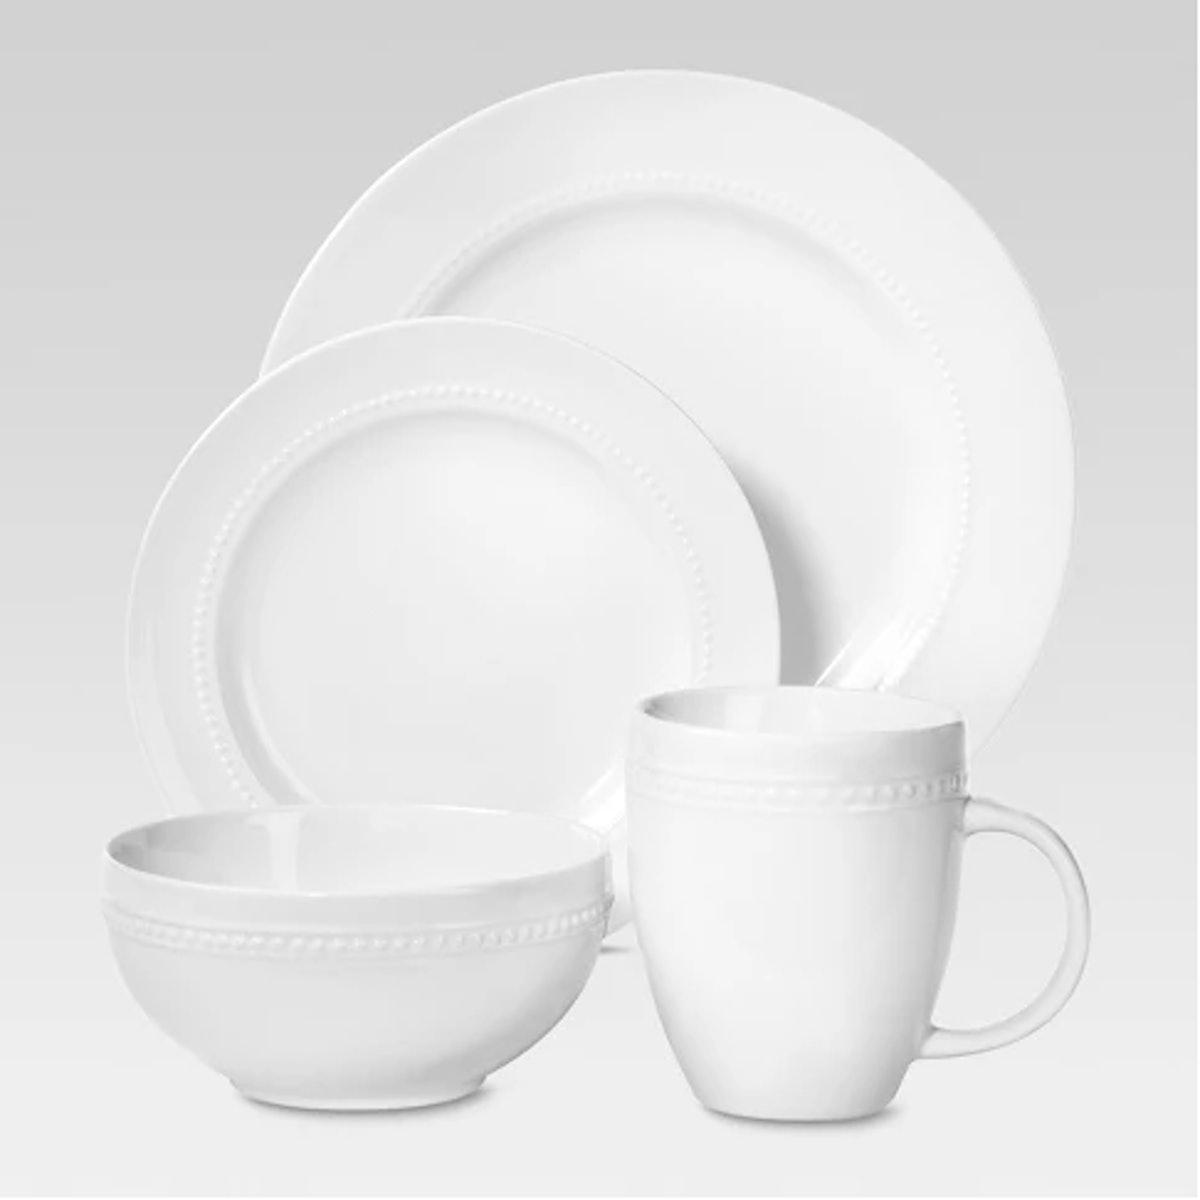 Porcelain 16pc Dinnerware Set White Beaded Rim - Threshold™